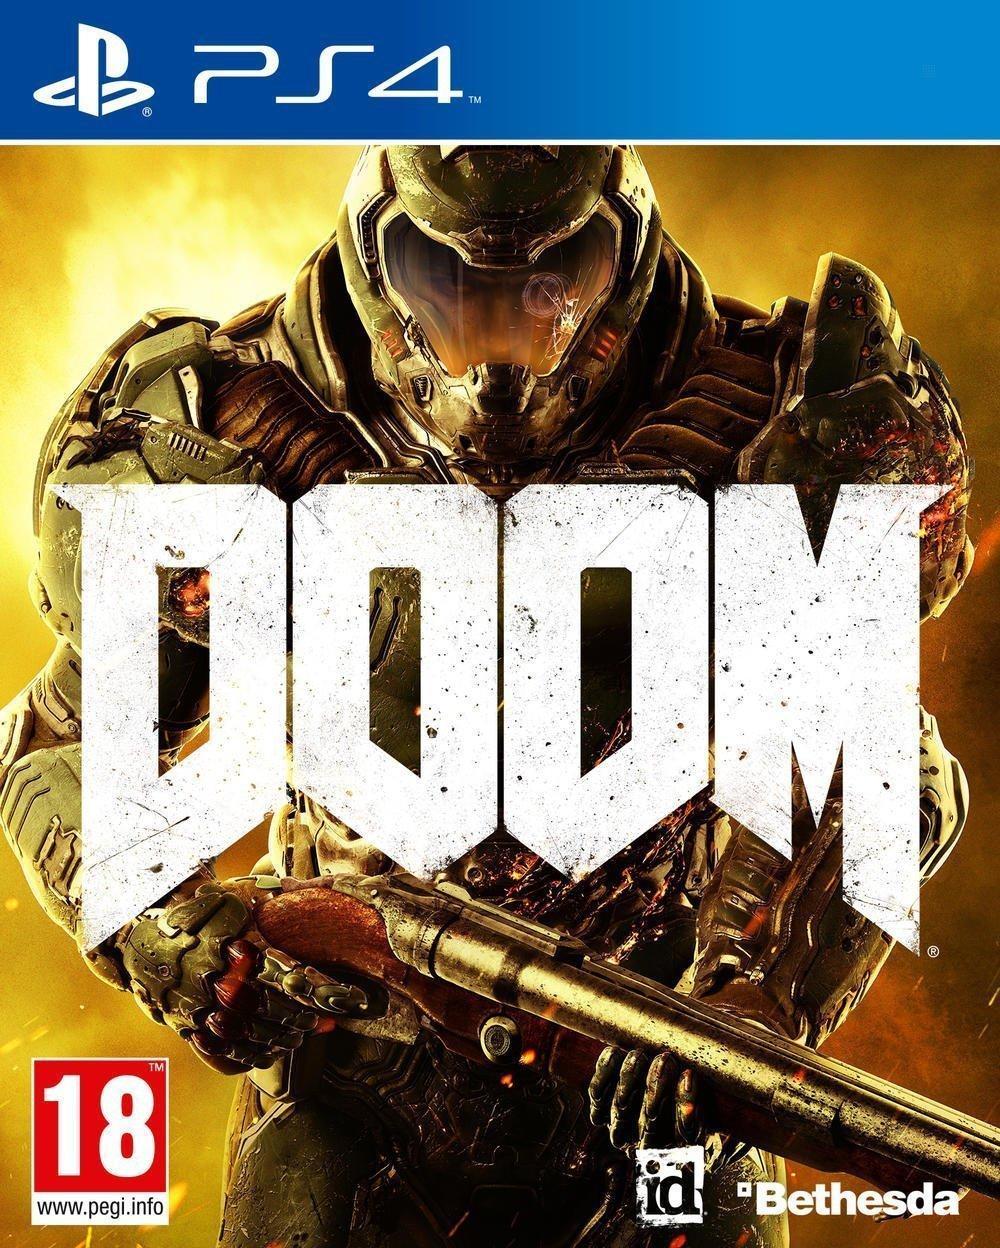 [Premium] Doom + Steelbook sur PC à 14.99€ et sur PS4